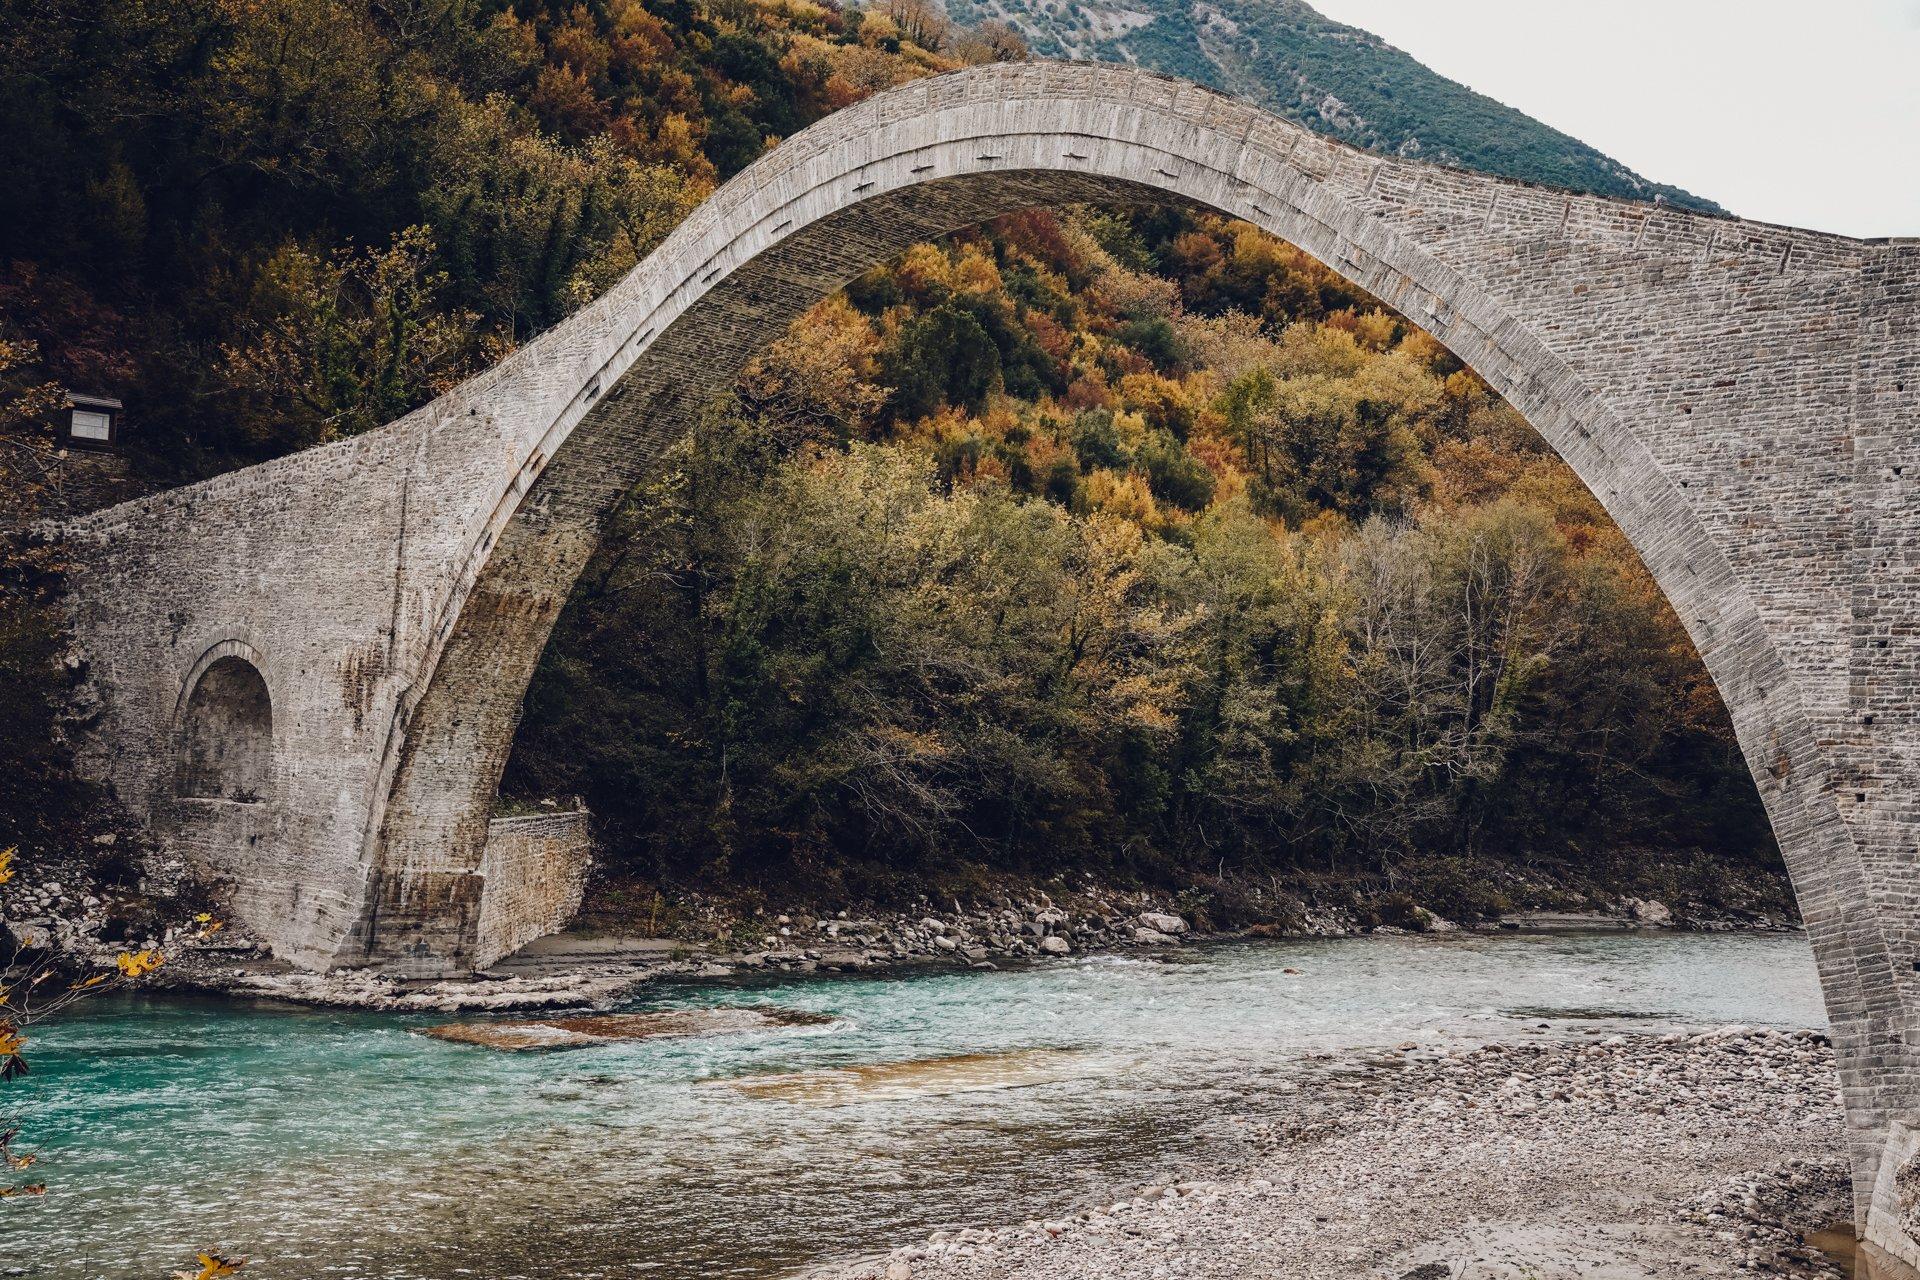 Plaka Bridge in Tzoumerka